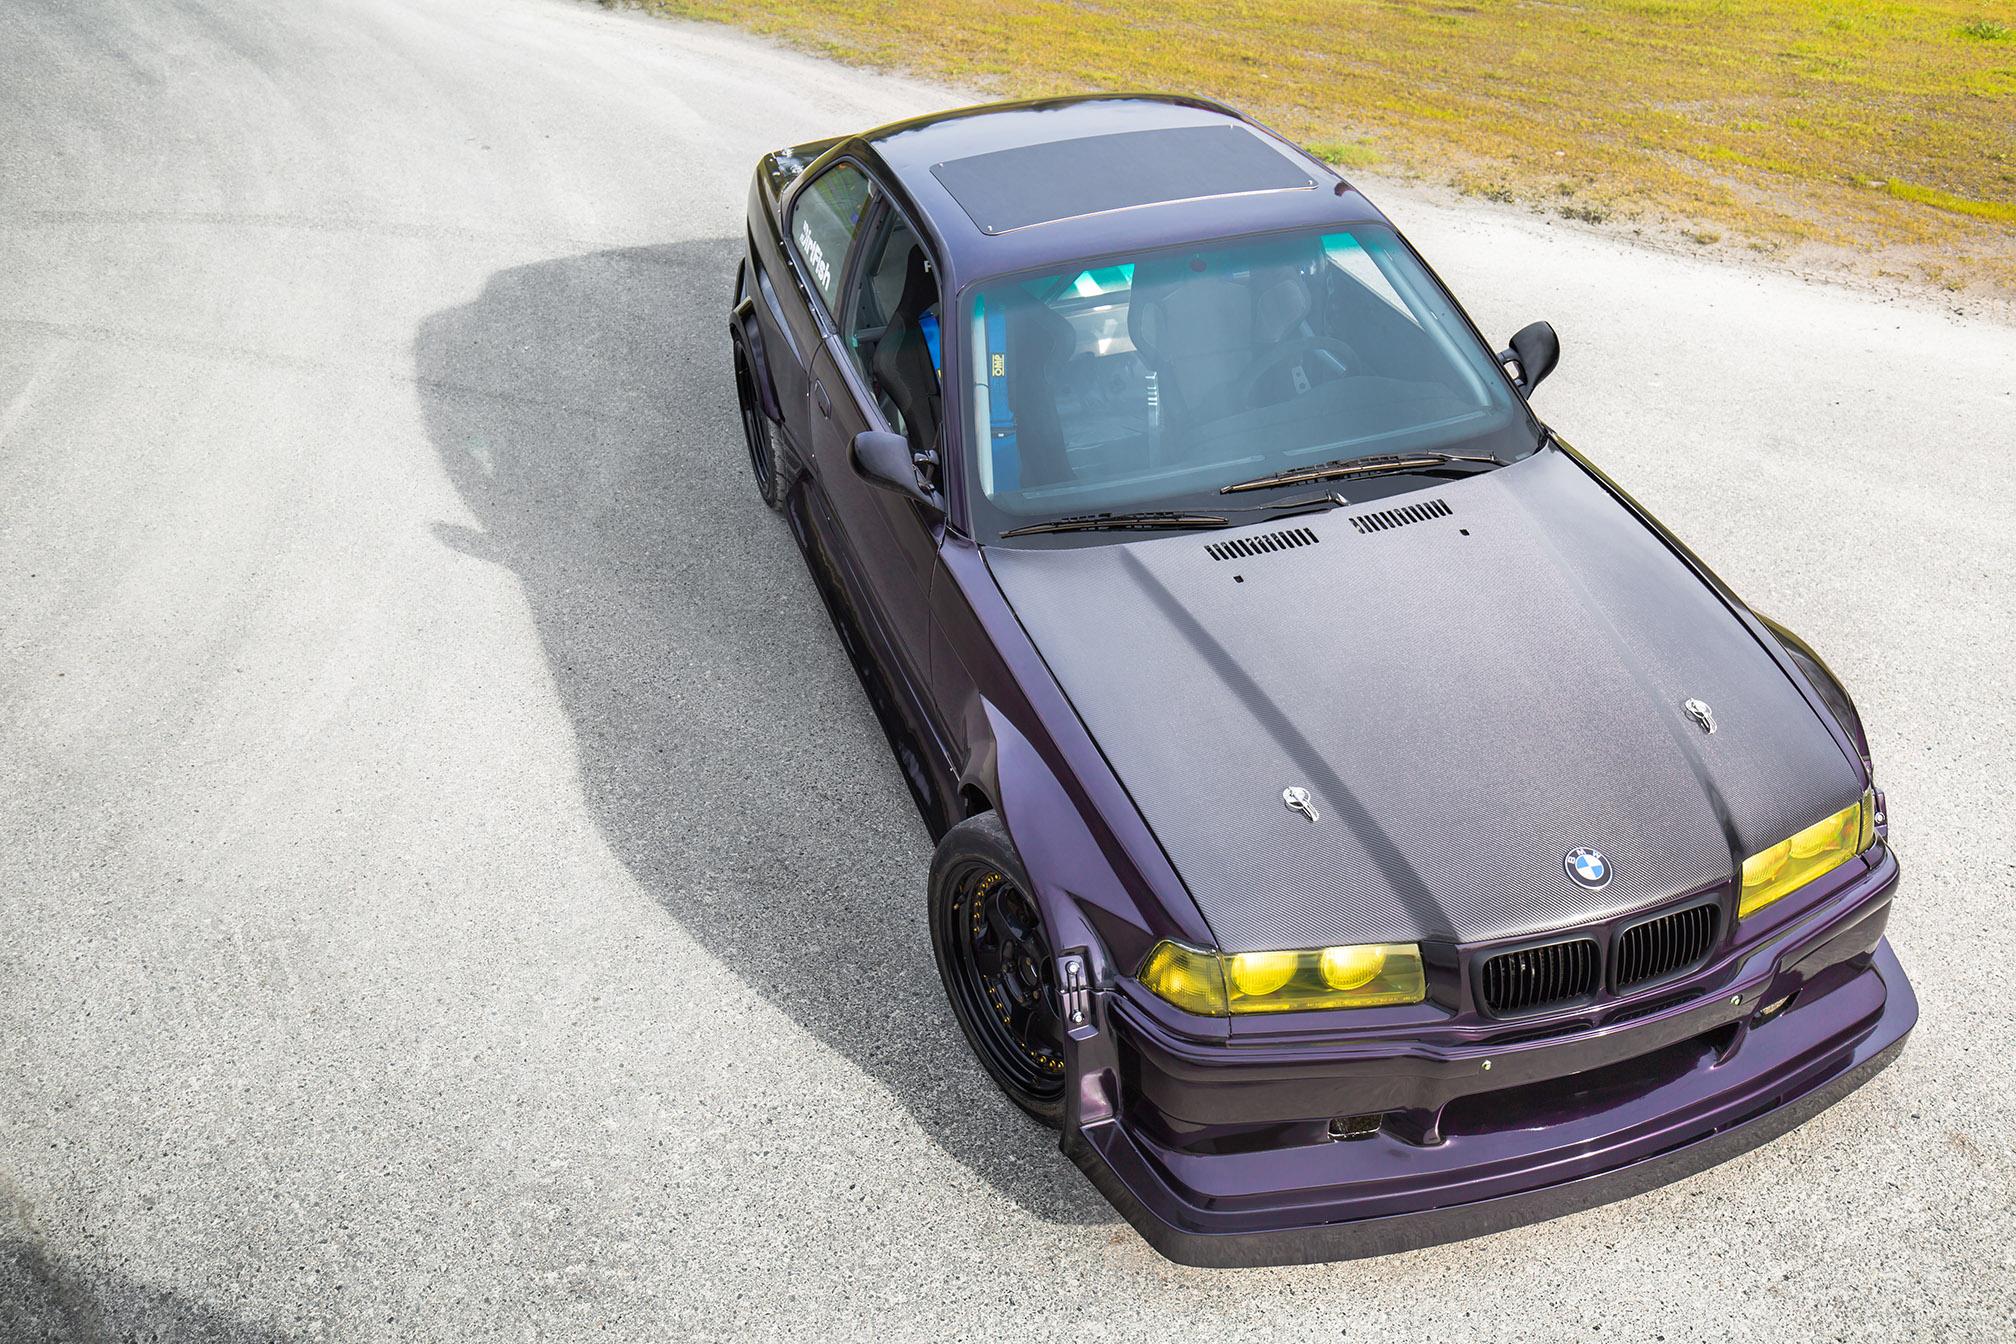 Bmw E36 Ls Powered Drift Car Eric Schofhauser